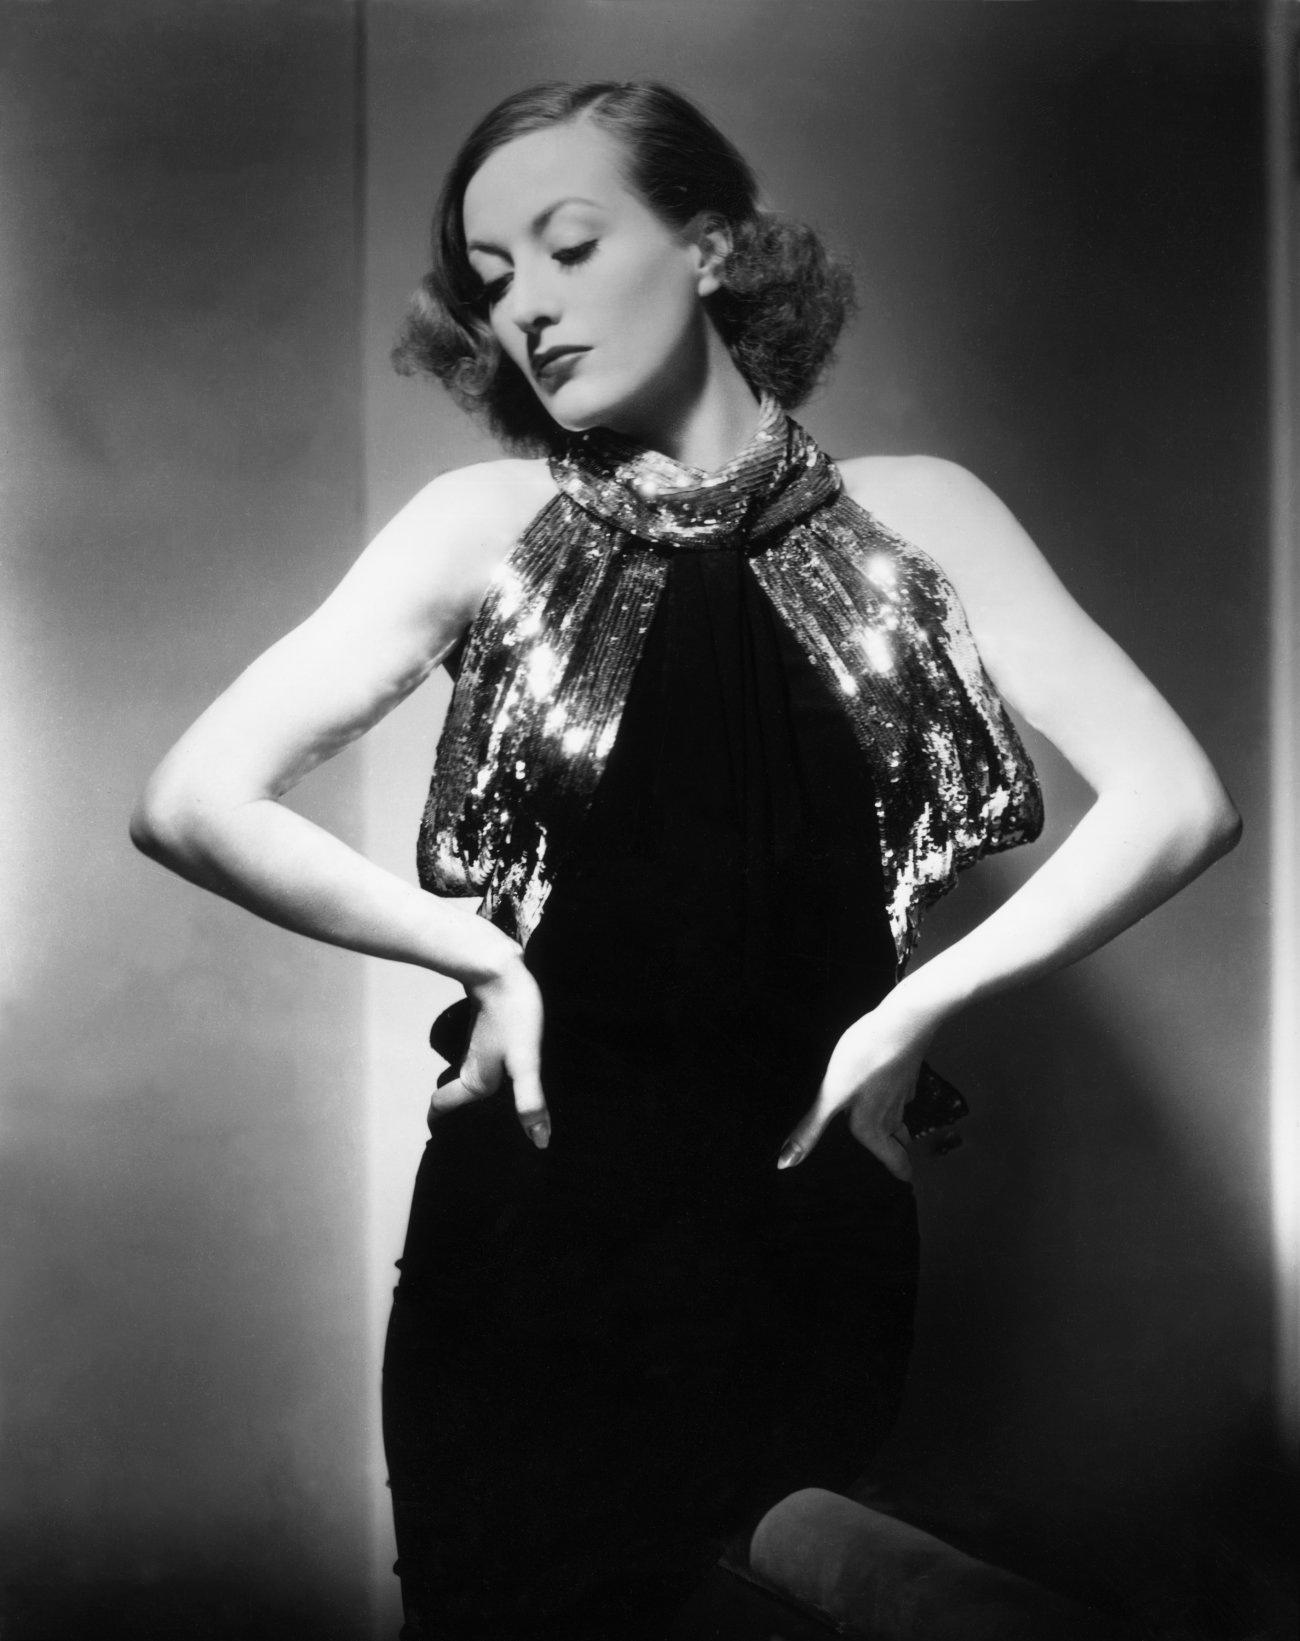 Gilbert Adrian costume for Joan Crawford in Sadie McKee